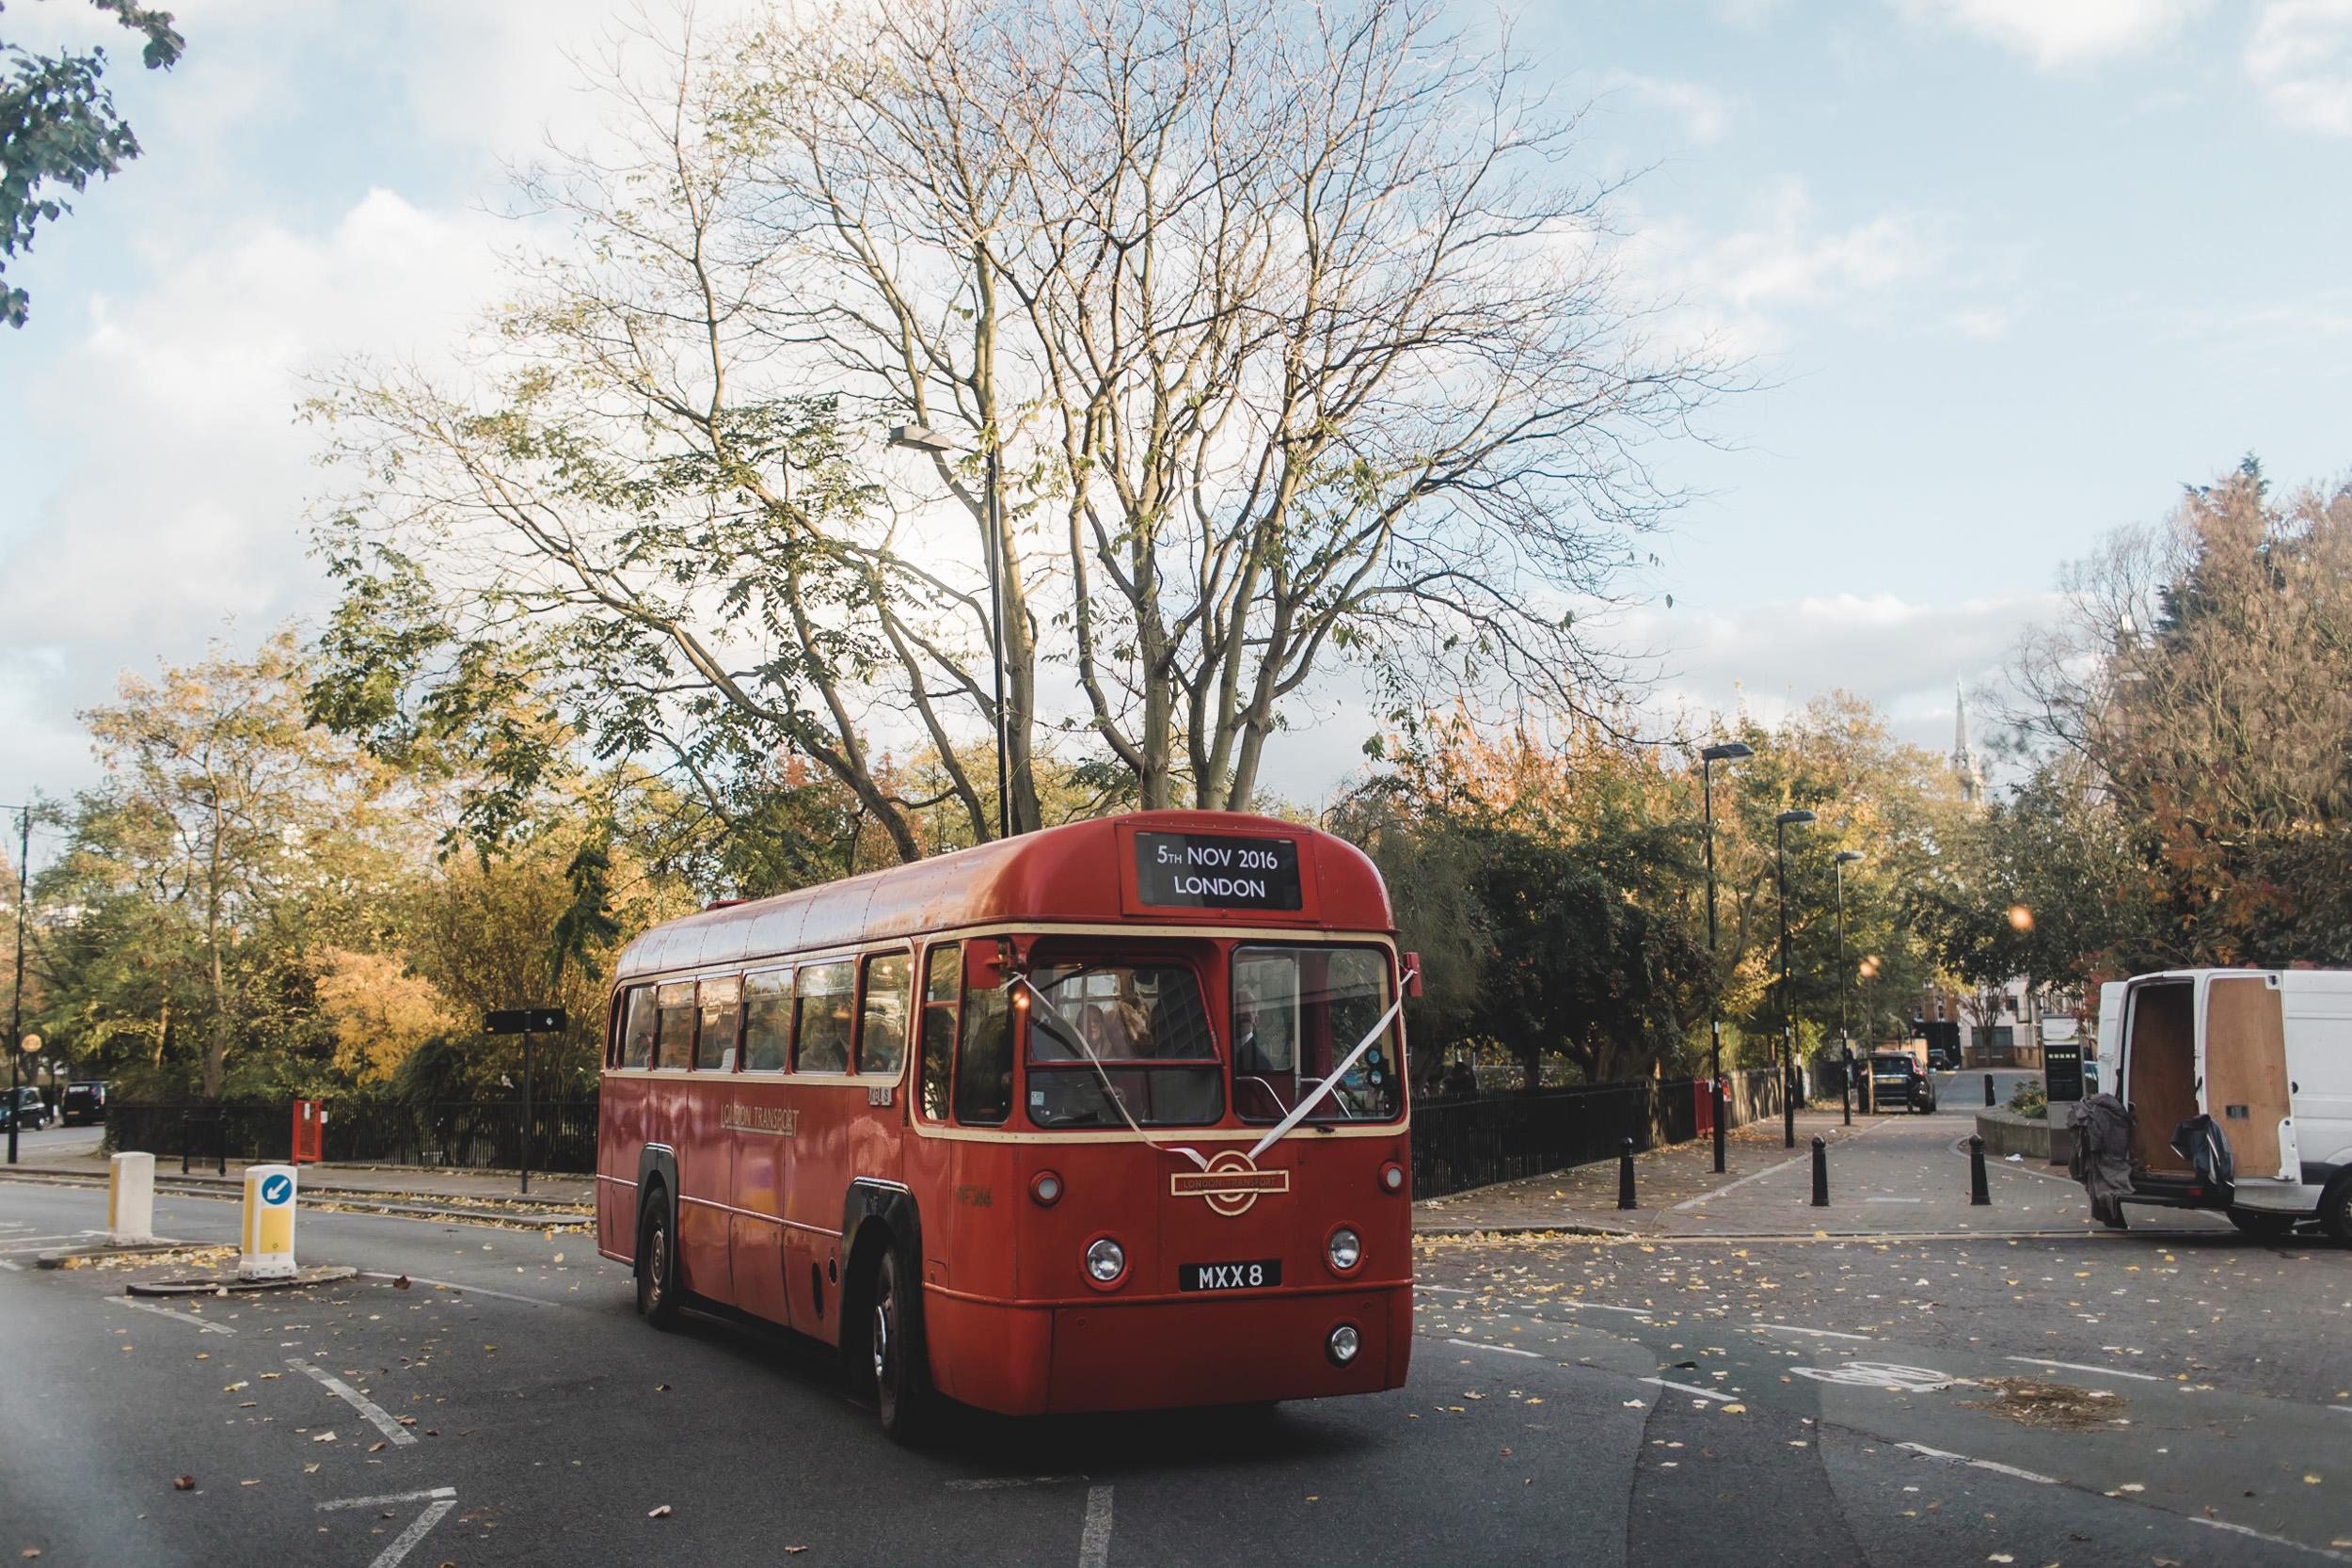 single decker london bus